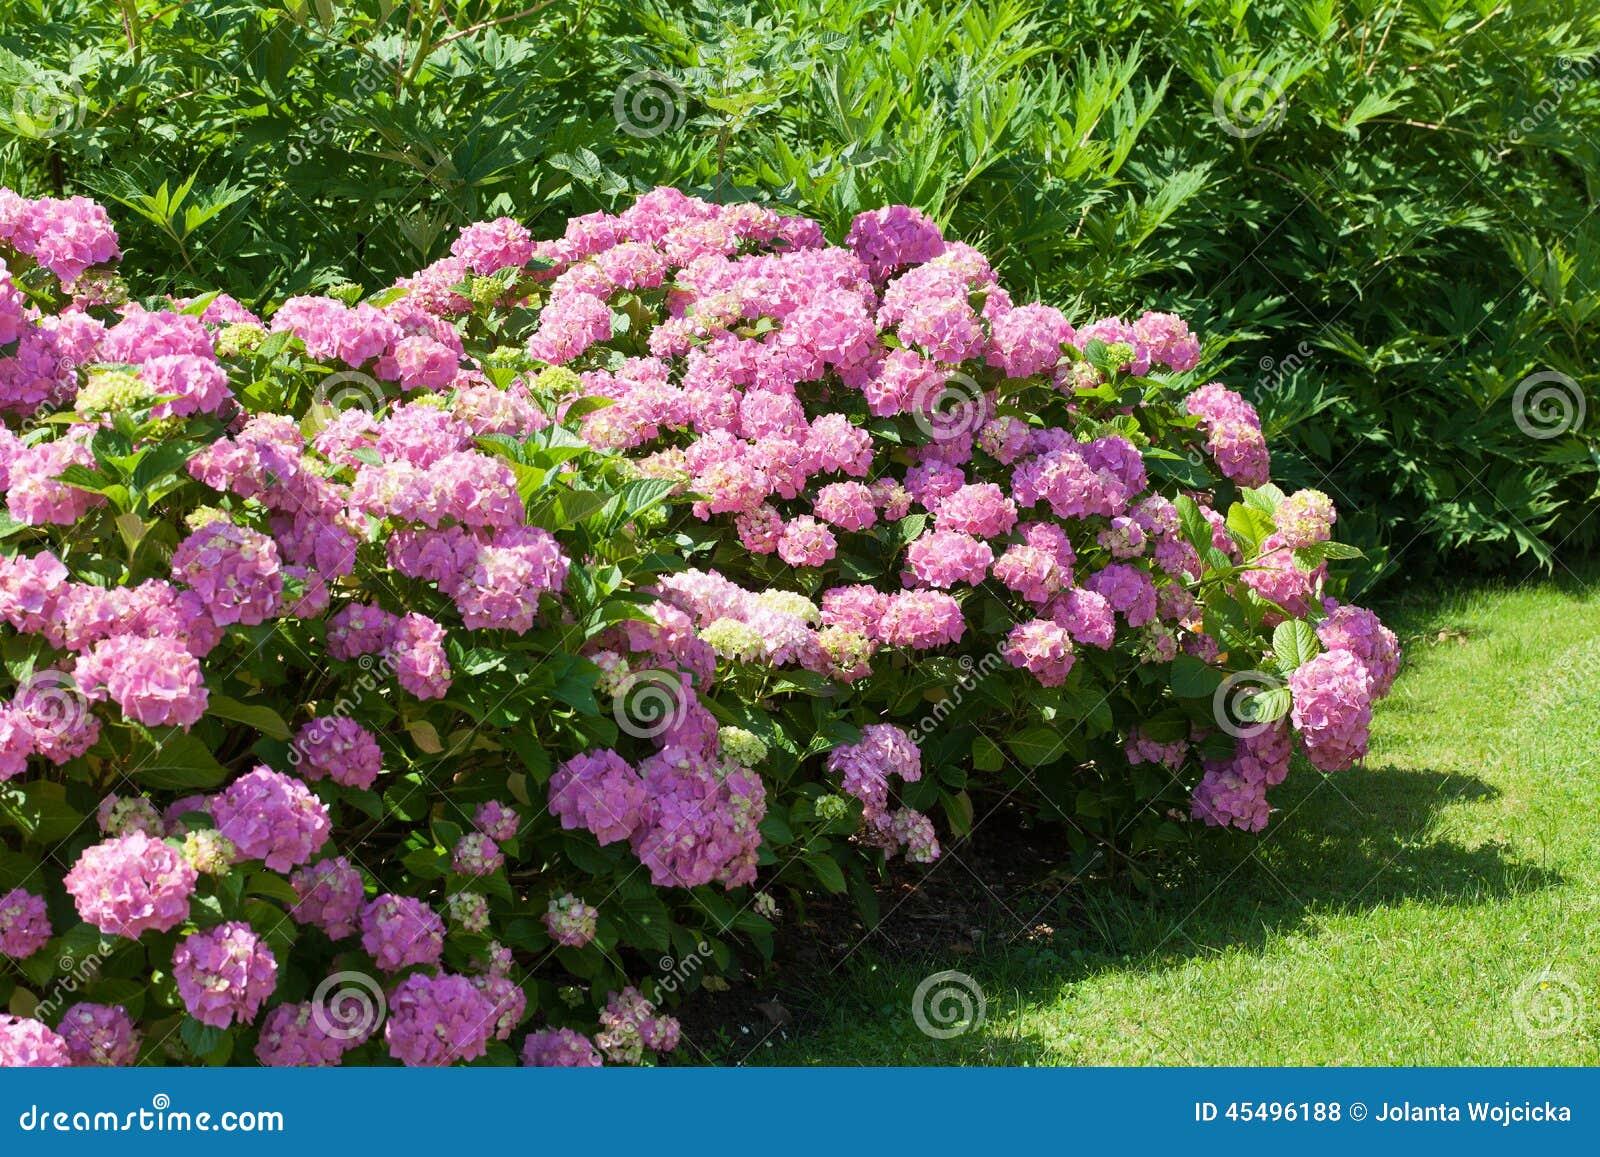 grand buisson de l 39 hortensia rose de fleur fleurissant dans le jardin photo stock image 45496188. Black Bedroom Furniture Sets. Home Design Ideas